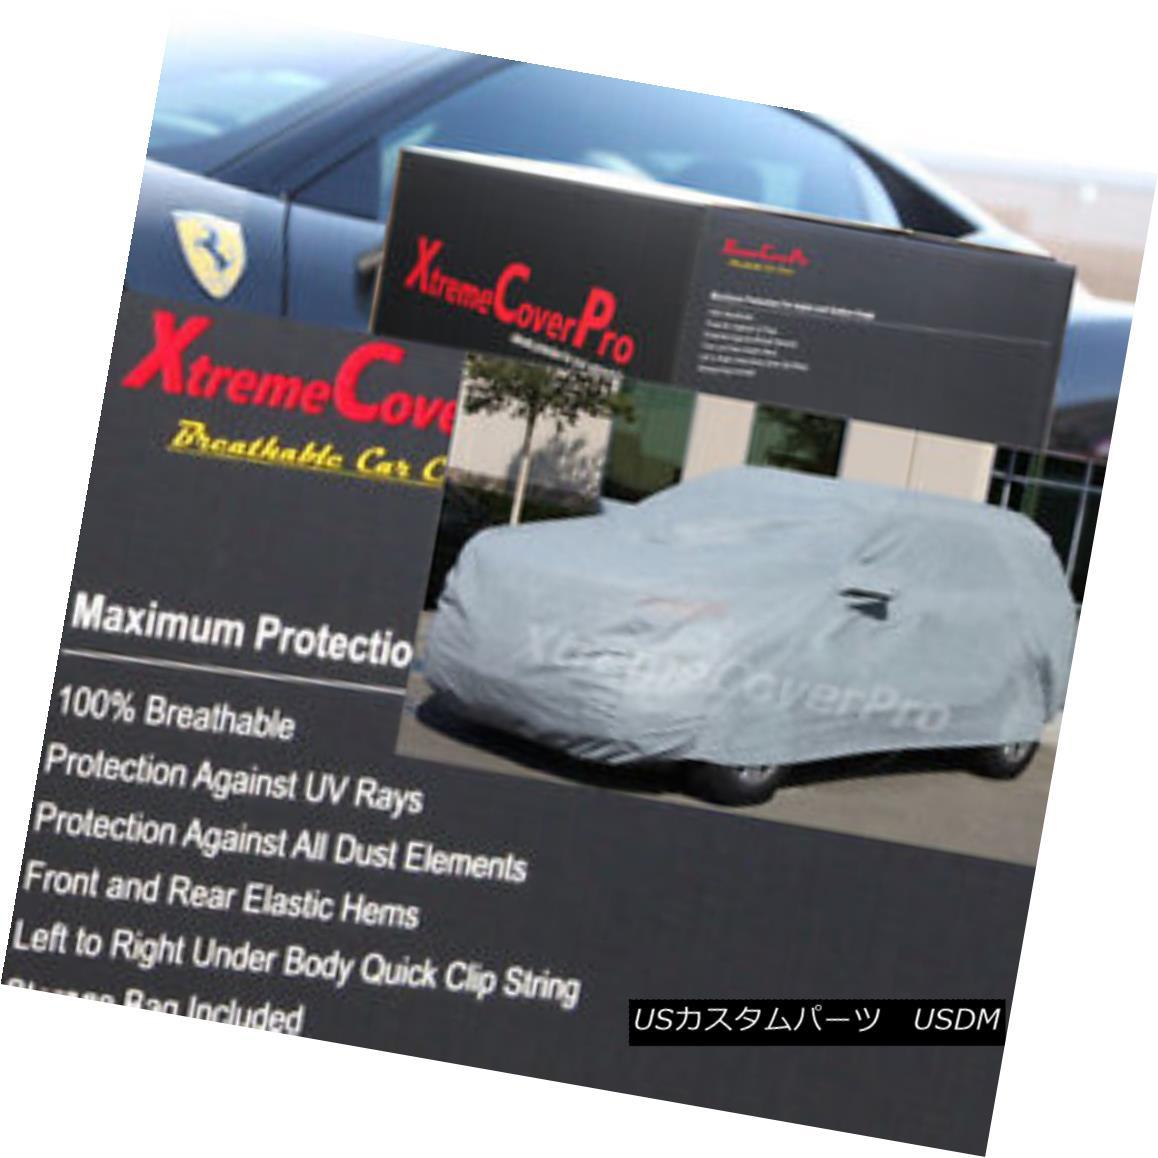 カーカバー 2016 2017 2018 VOLVO XC60 BREATHABLE CAR COVER W/MIRROR POCKET - GREY 2016 2017 2018 VOLVO XC60ブリーザブルカーカバー付き/ミラーポケット - グレー